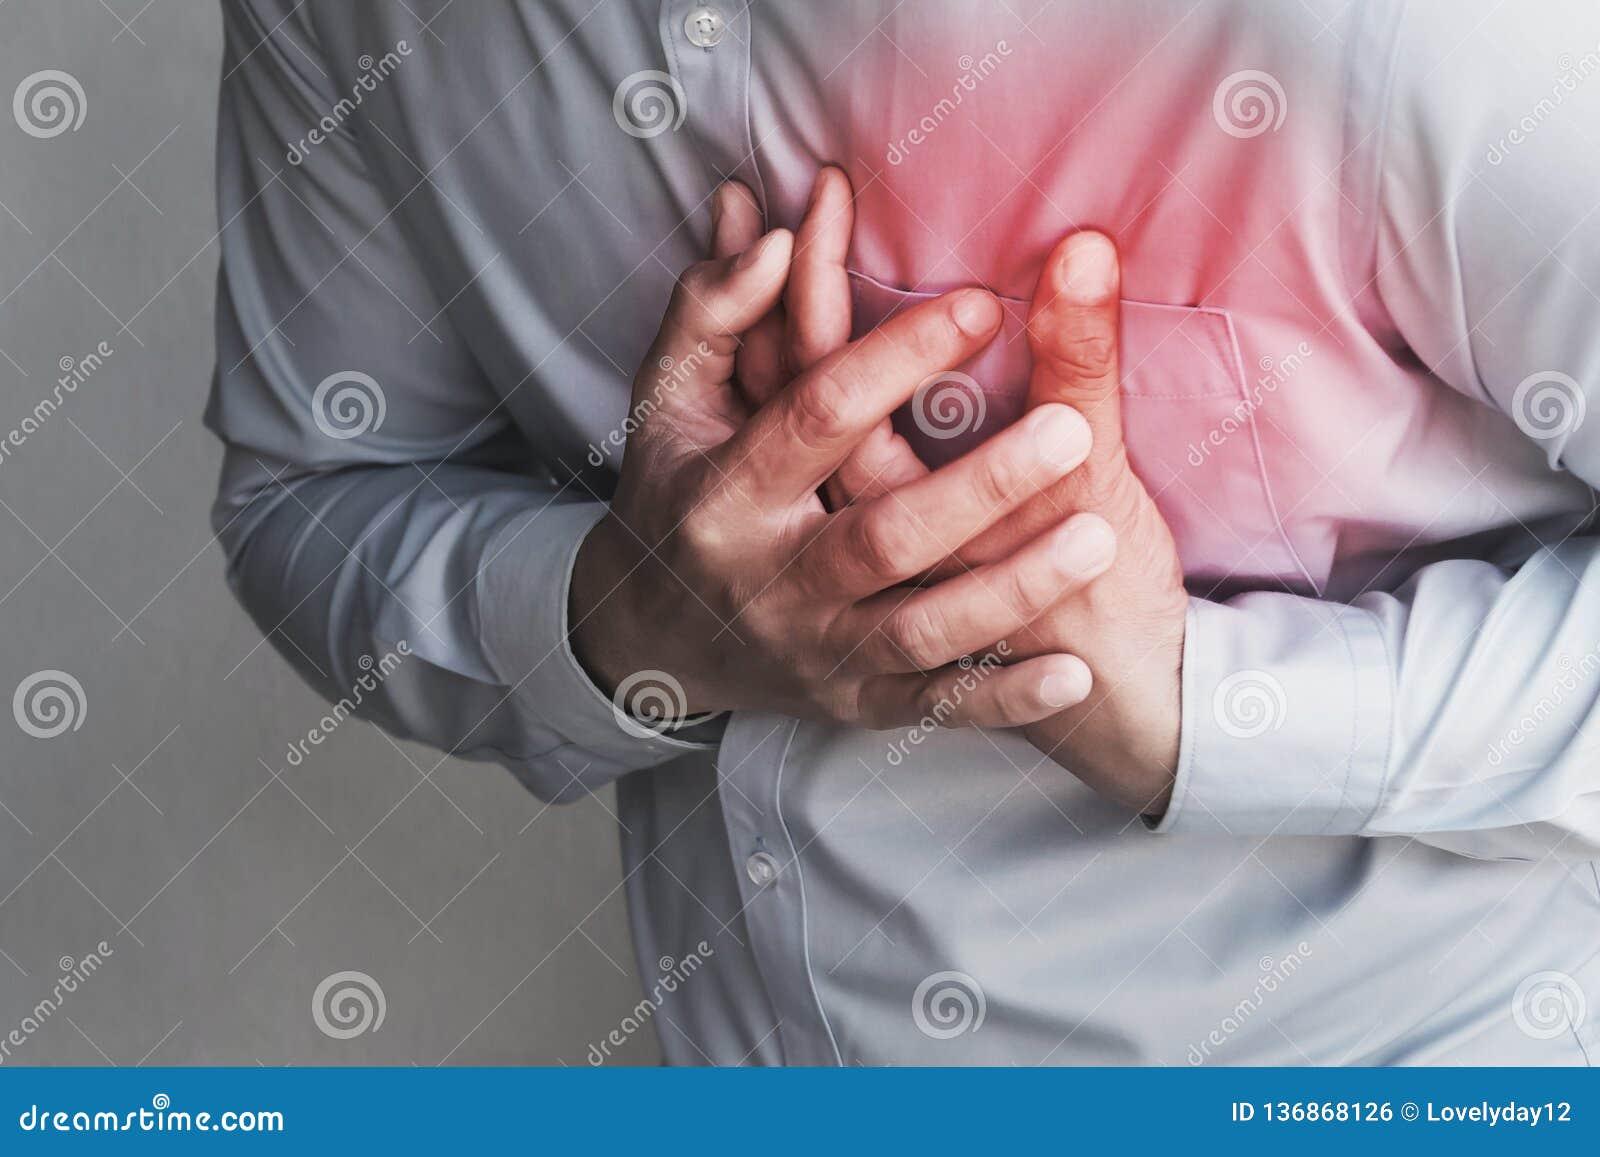 боль в груди людей от сердечного приступа Здравоохранение